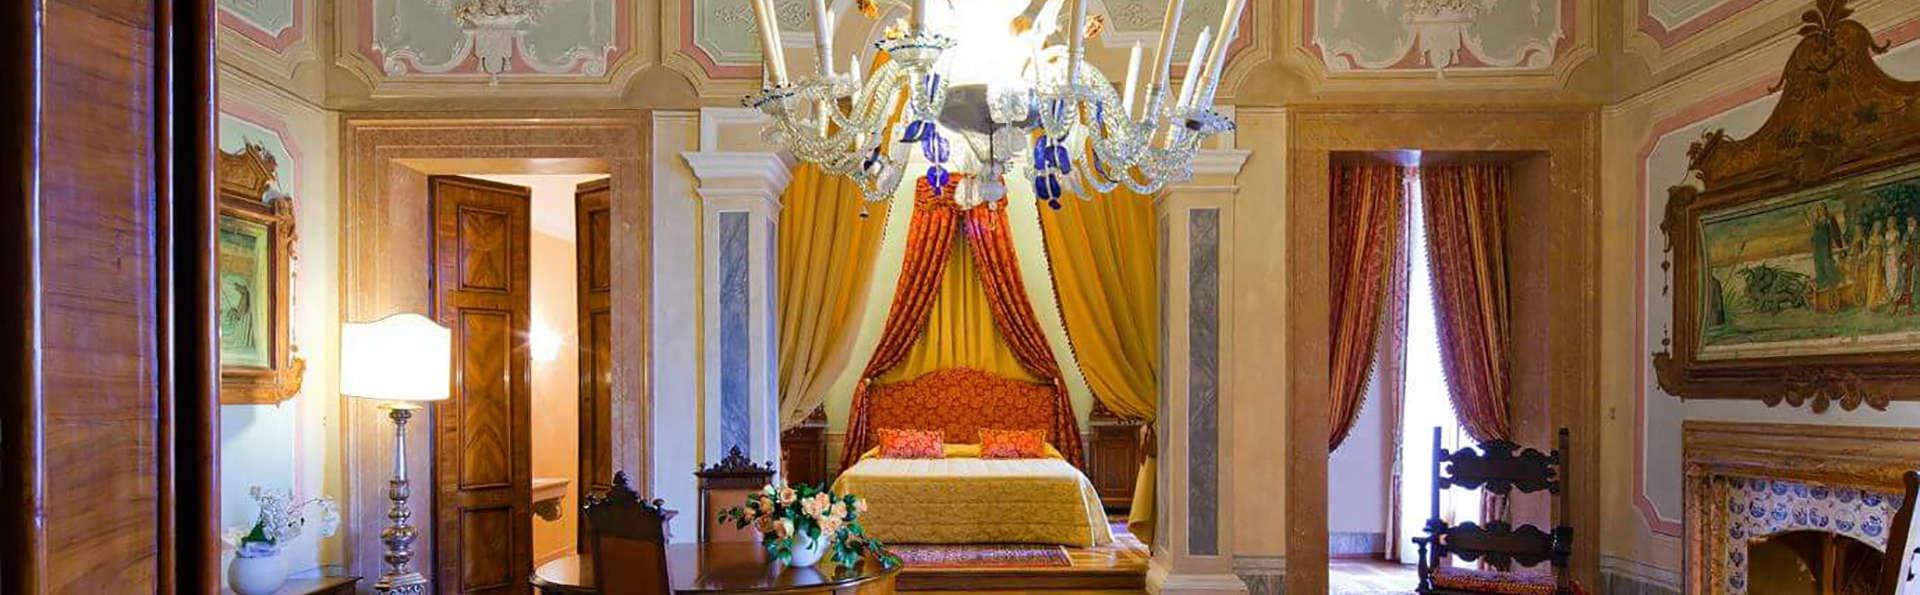 CastelBrando - EDIT_room.jpg